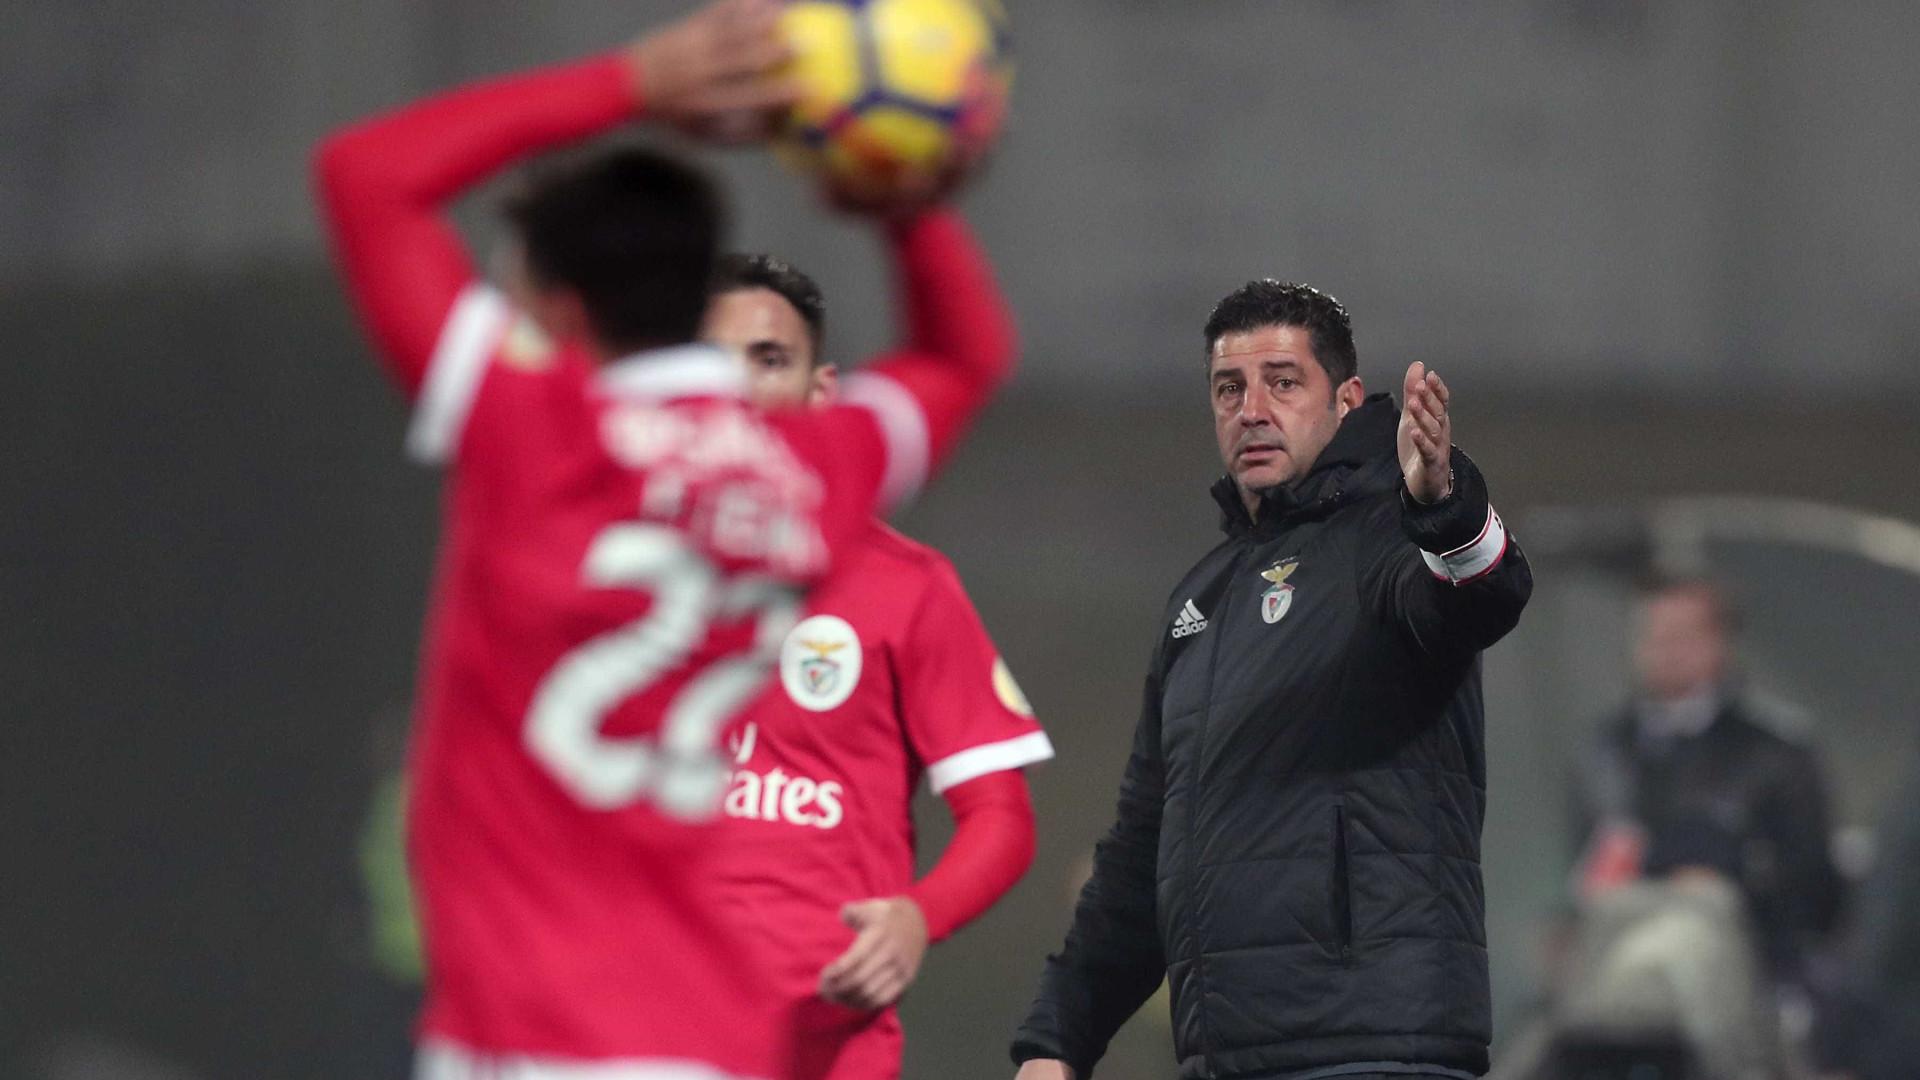 Afastamento da Taça vale insultos a Rui Vitória à saída de Vila do Conde